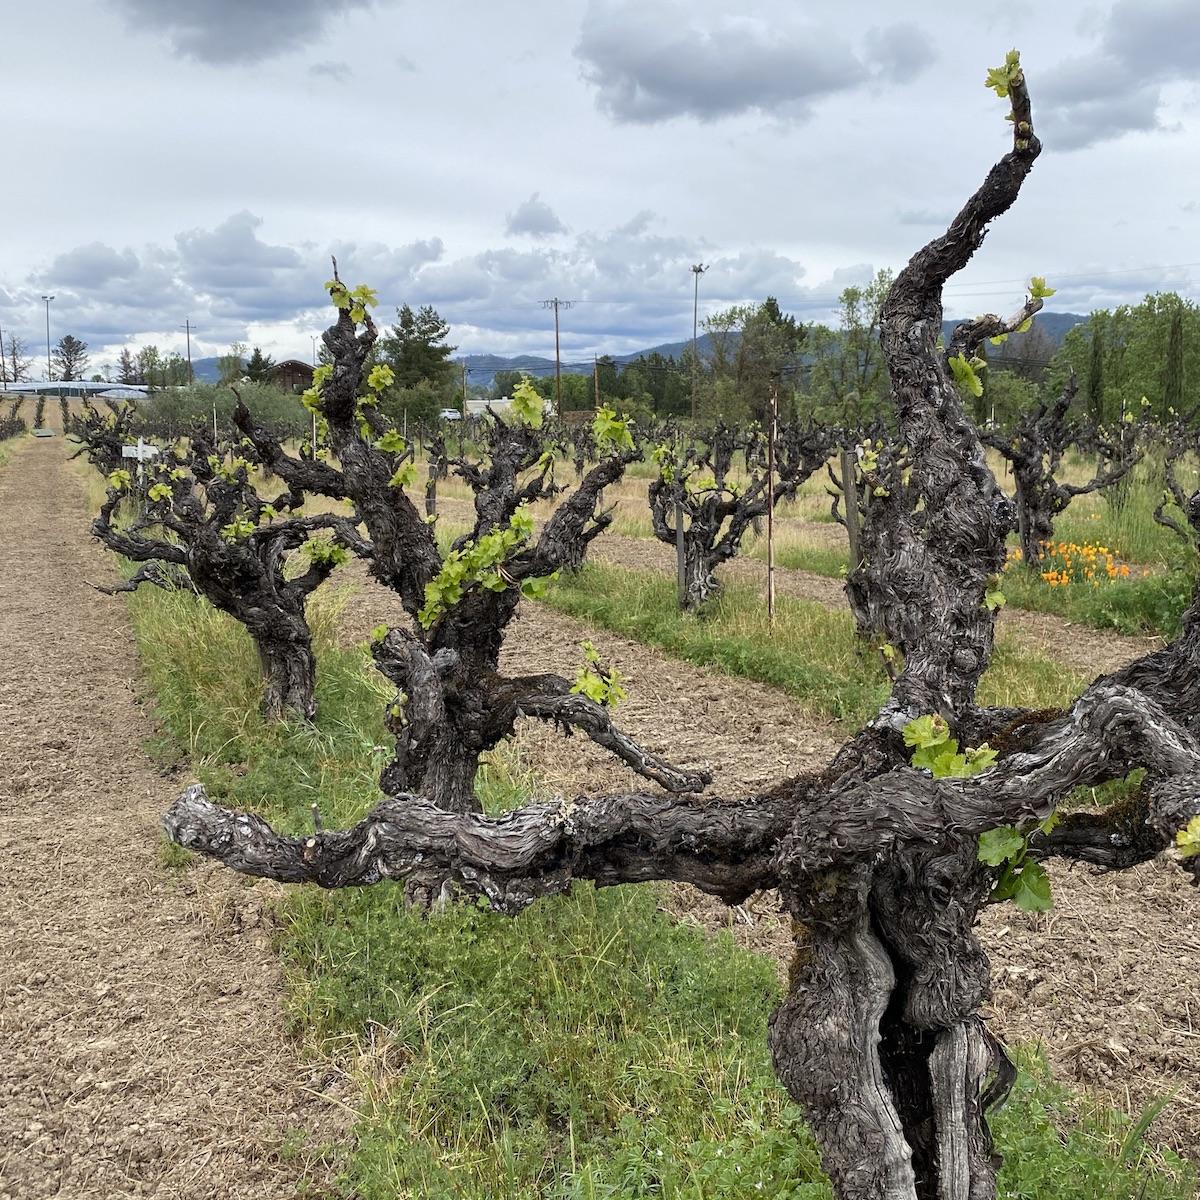 Vineyard in California.